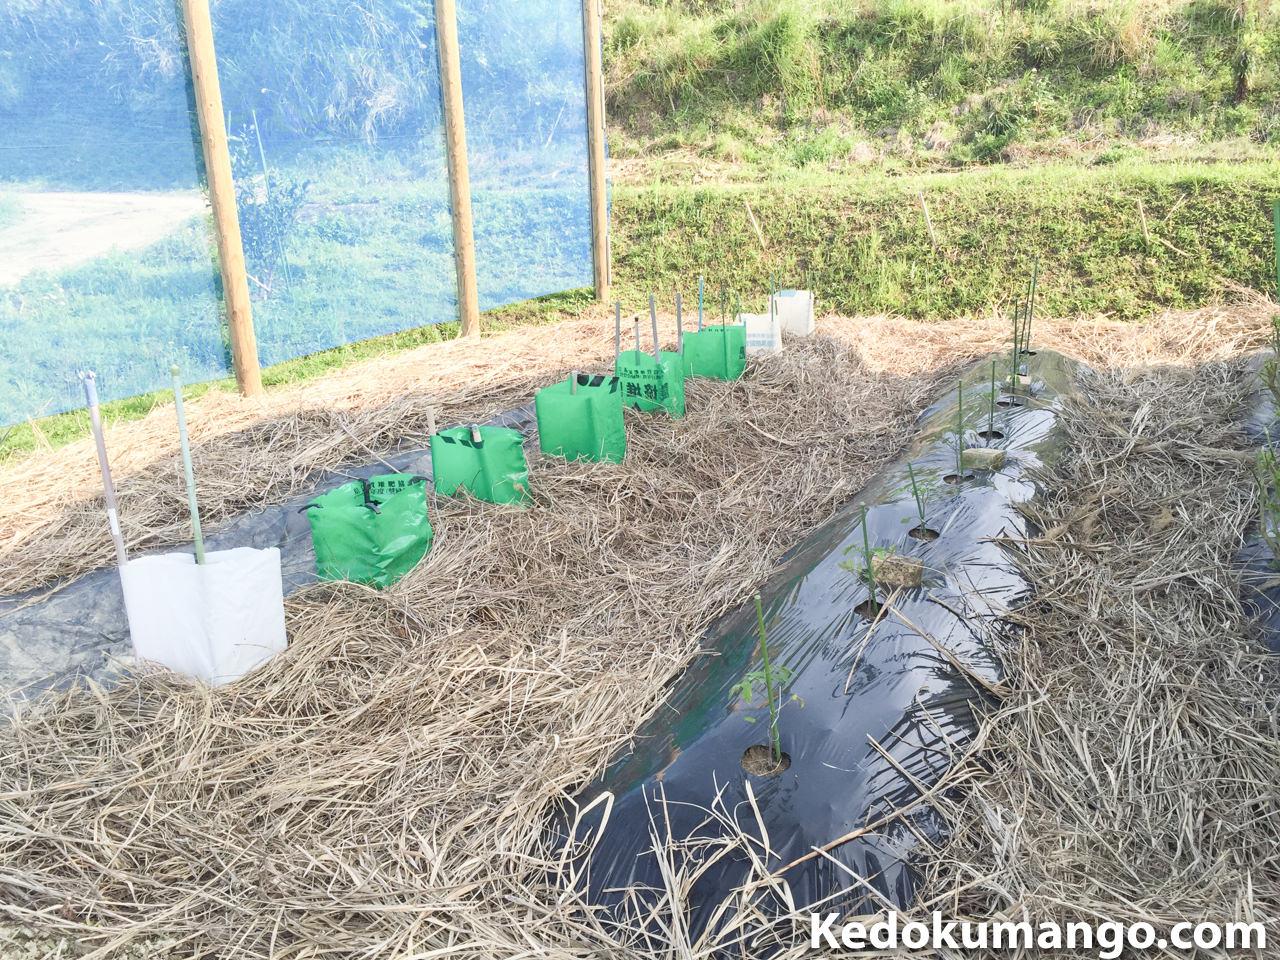 家庭菜園に「きゅうり」の苗を植え付けたよ! | 花徳マンゴー